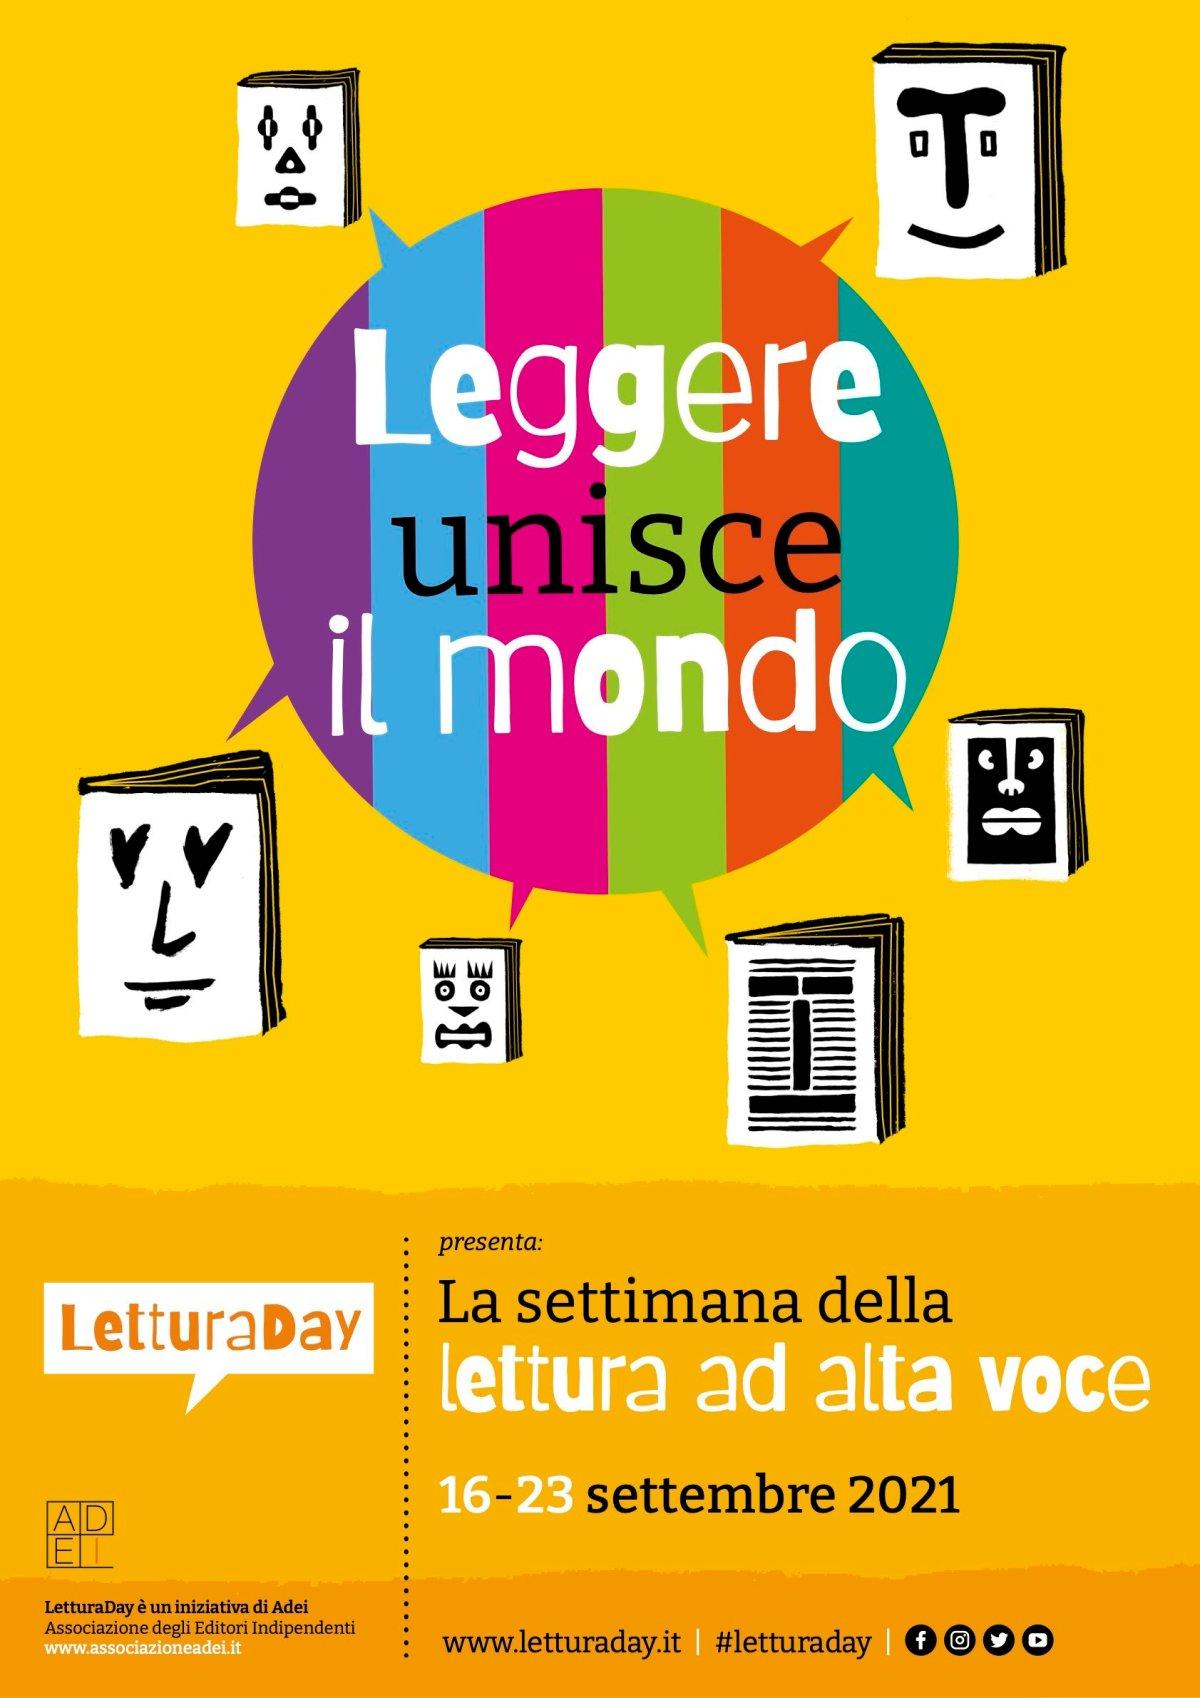 Lettura Day - Leggere unisce il mondo, una settimana dedicata alla lettura ad alta voce